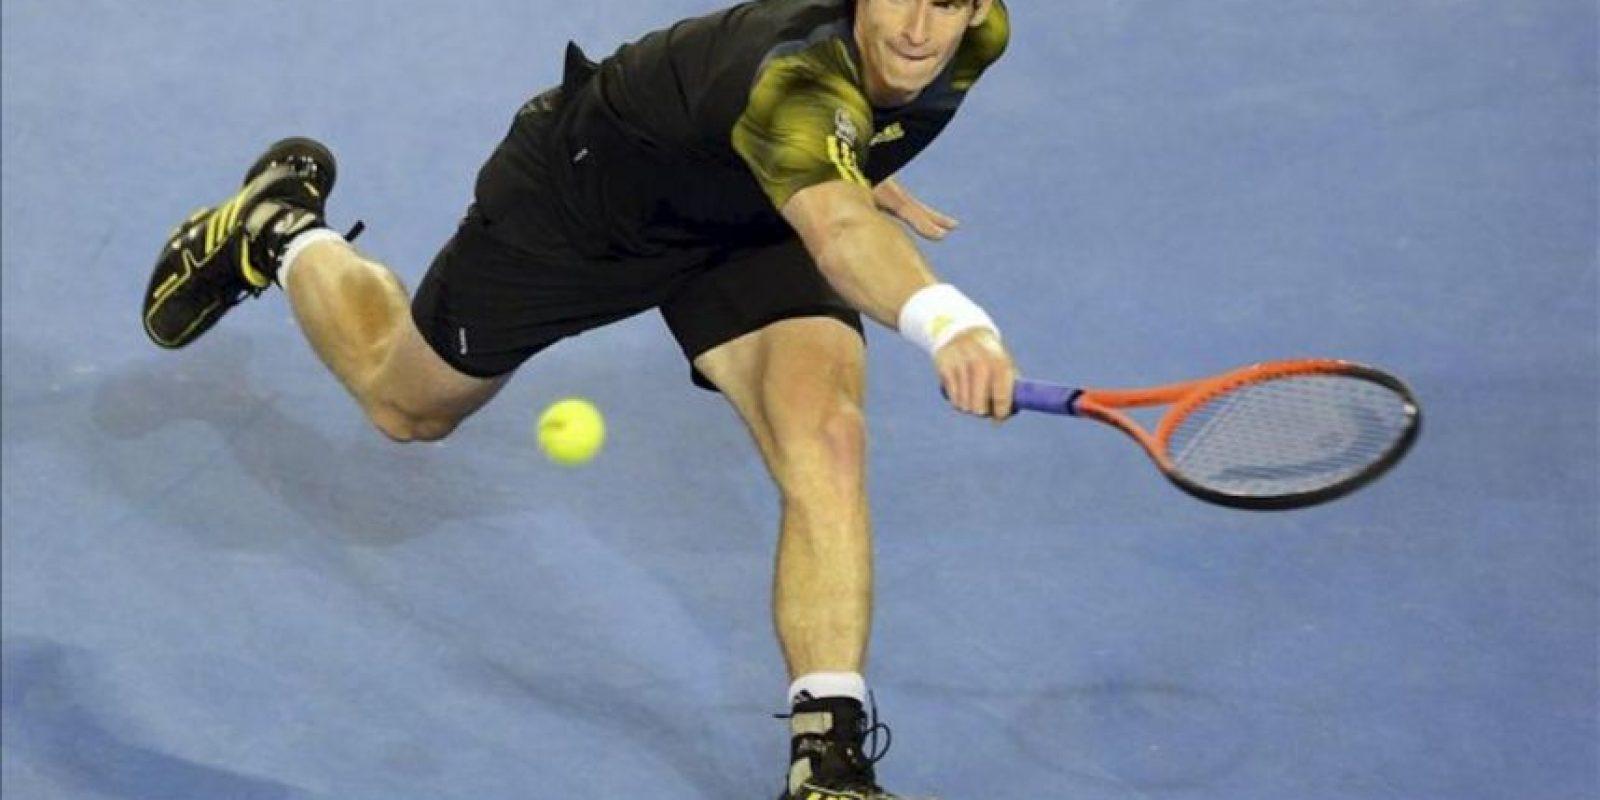 El tenista británico Andy Murray golpea la bola durante la semifinal individual masculina del Abierto de Australia disputada hoy contra el suizo Roger Federer, en Melbourne, Australia. EFE